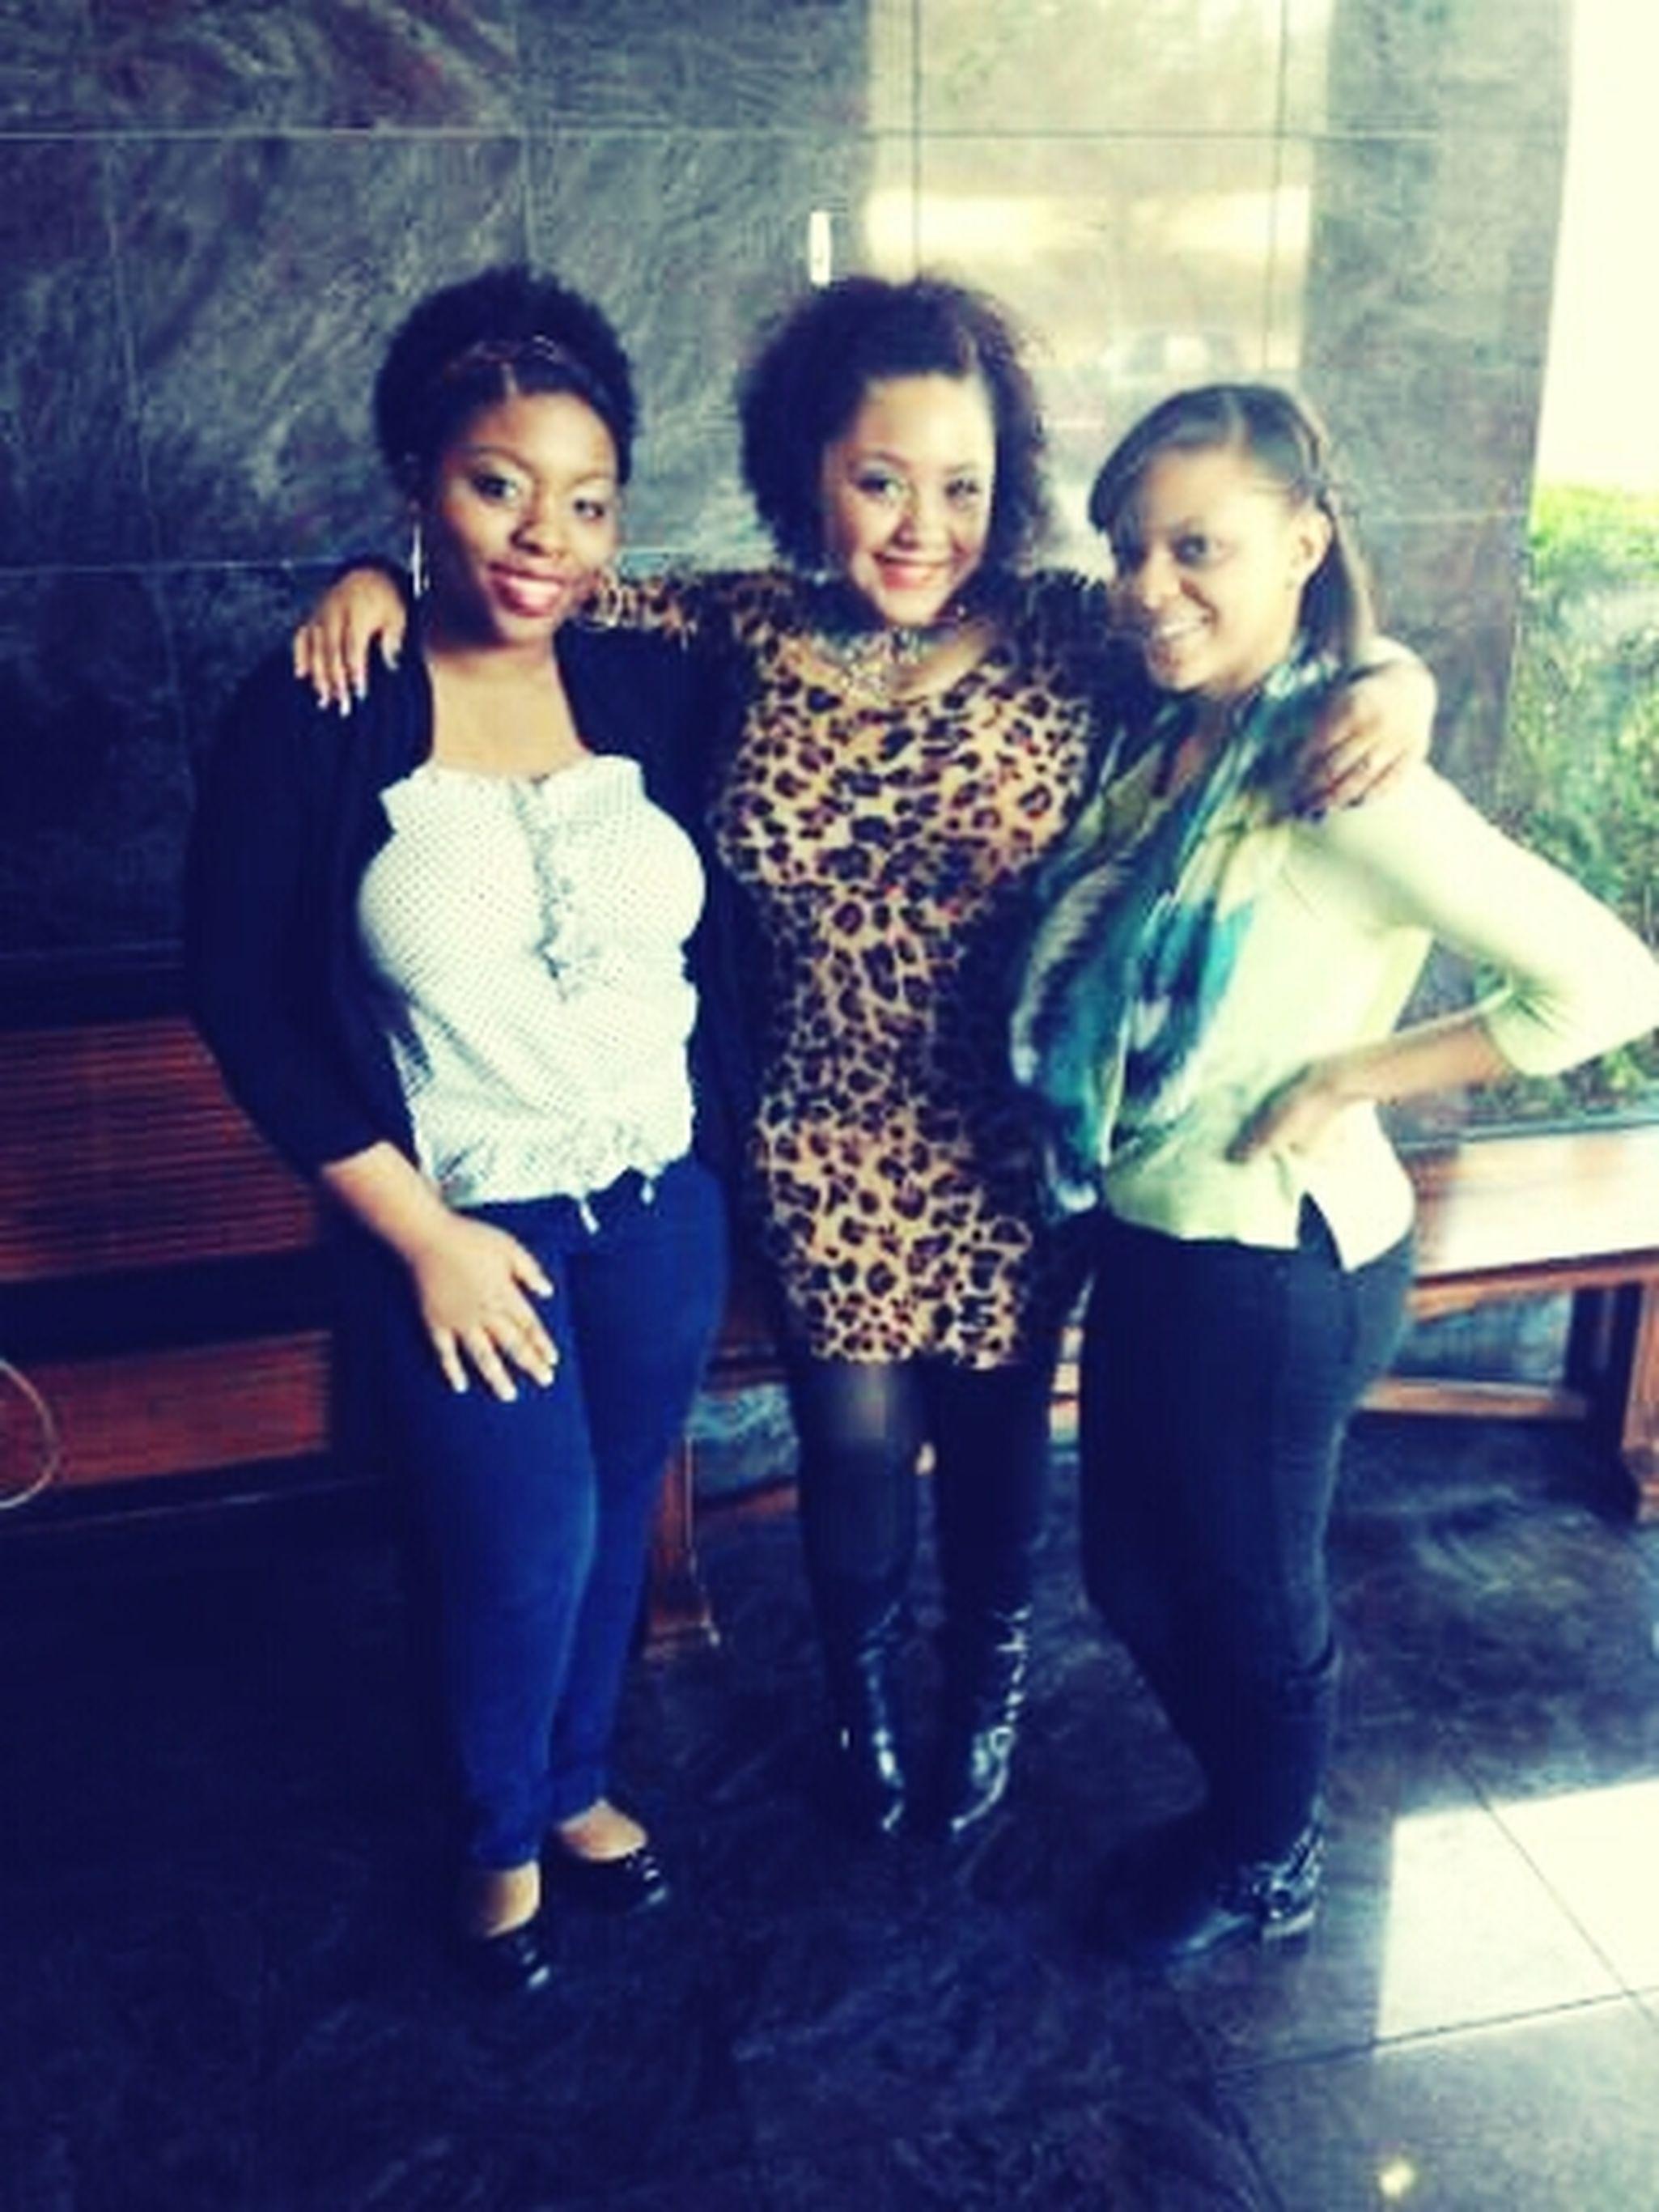 3 Furry Friends